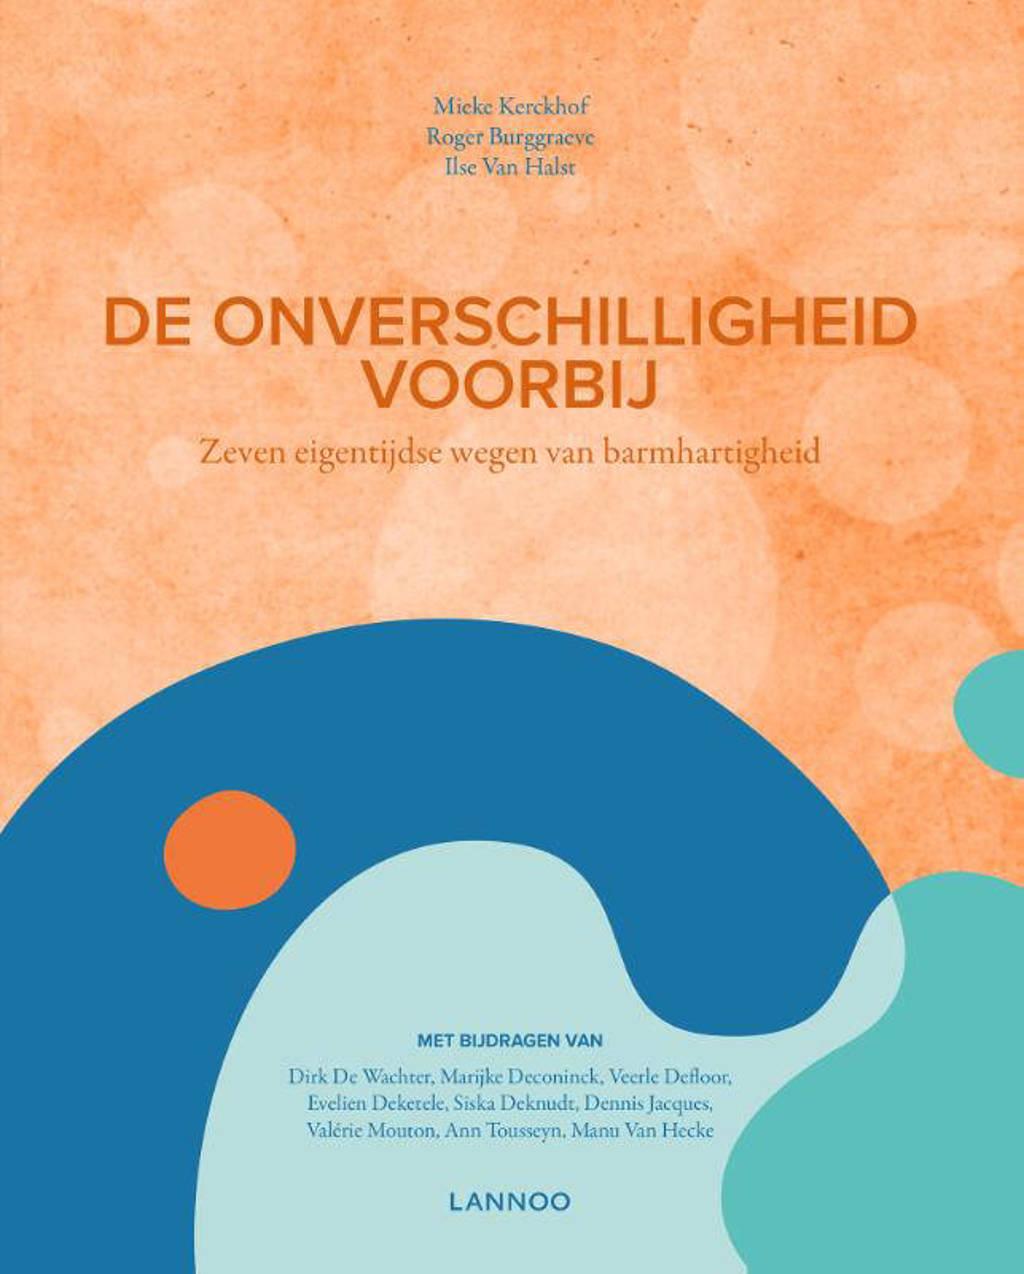 De onverschilligheid voorbij - Mieke Kerckhof, Roger Burggraeve en Ilse Van Halst